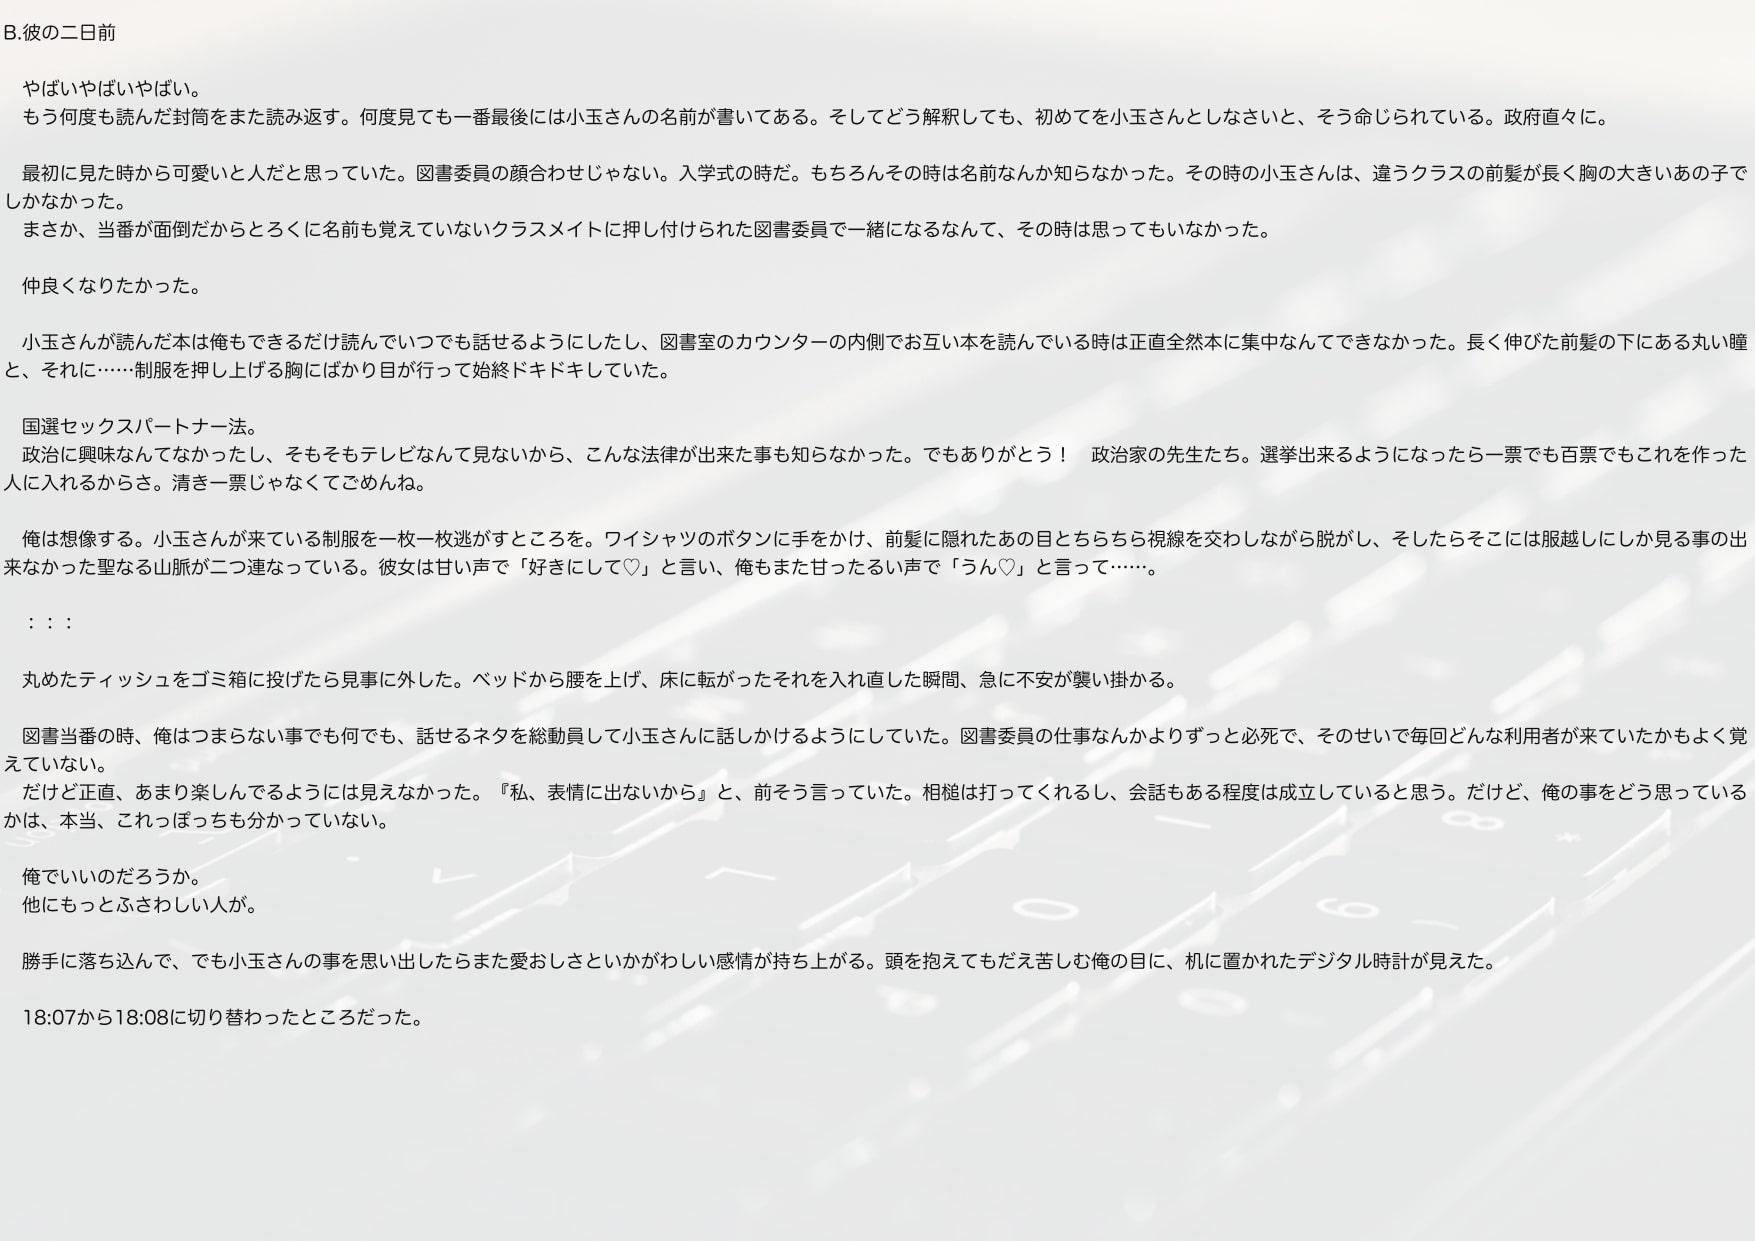 RJ331212 陰キャで巨乳な図書委員と政府公認エッチ 〜国選セックスパートナー法〜 [20210620]